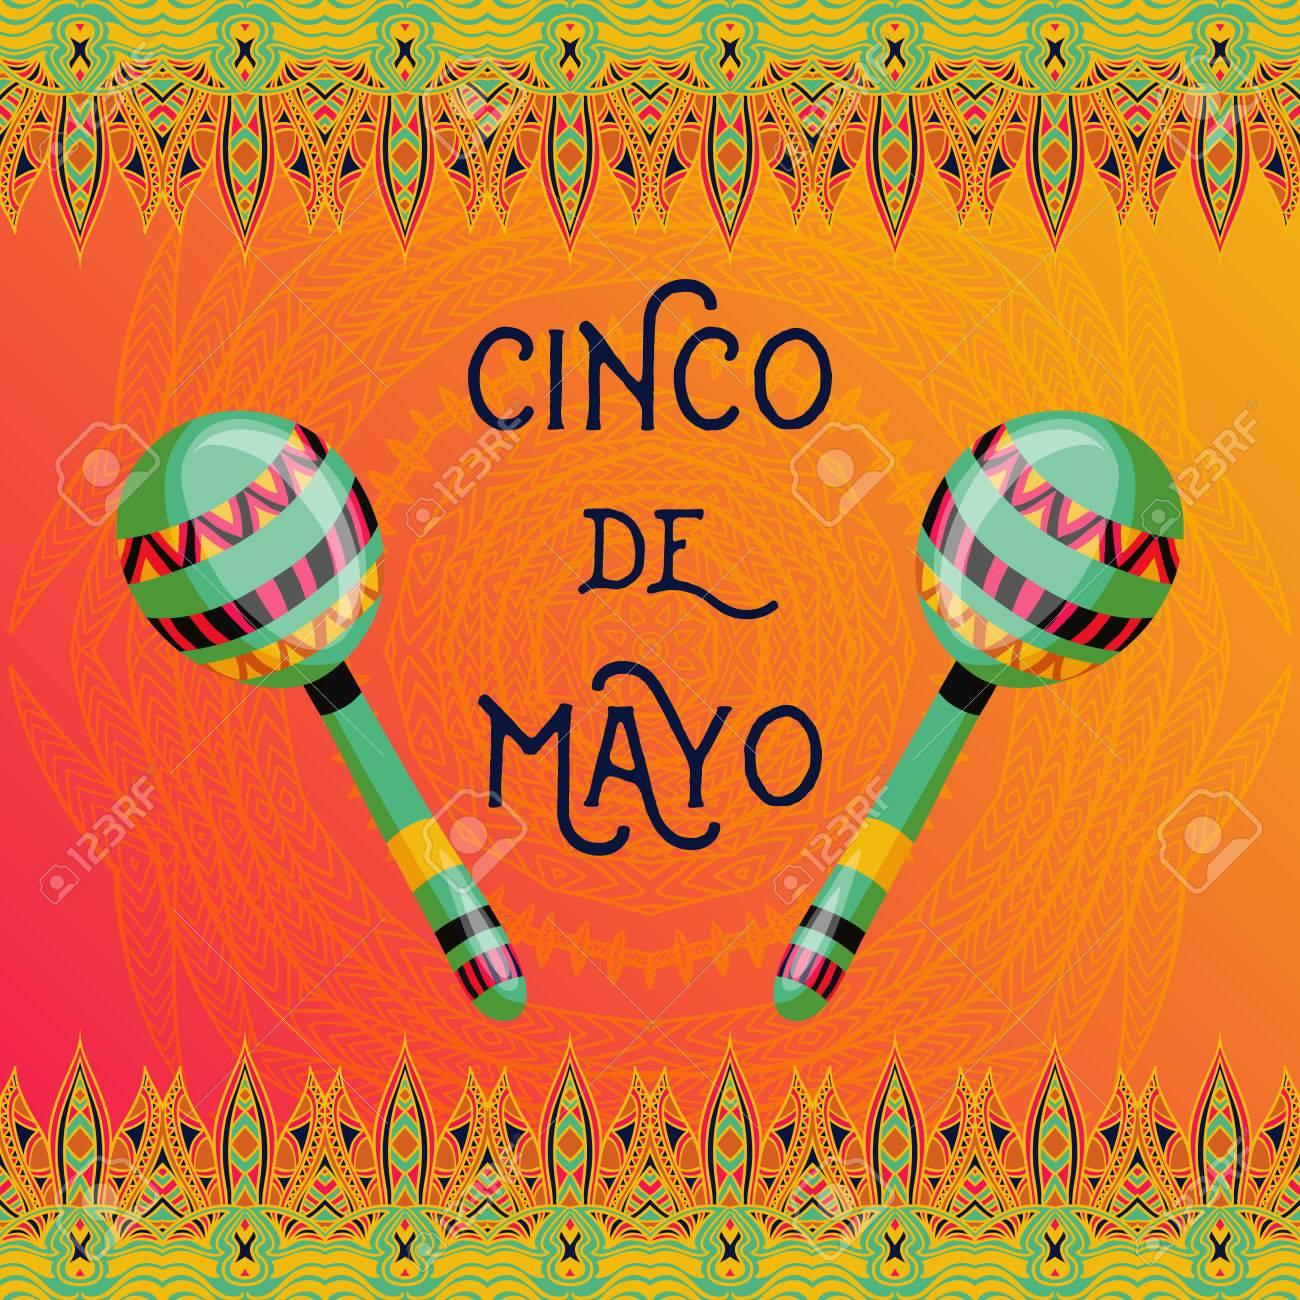 Hermosa Tarjeta De Felicitación Invitación Para Festival Fiesta Concepto De Diseño Para El Día De Fiesta Mexicana Del Cinco De Mayo Con Maracas Y